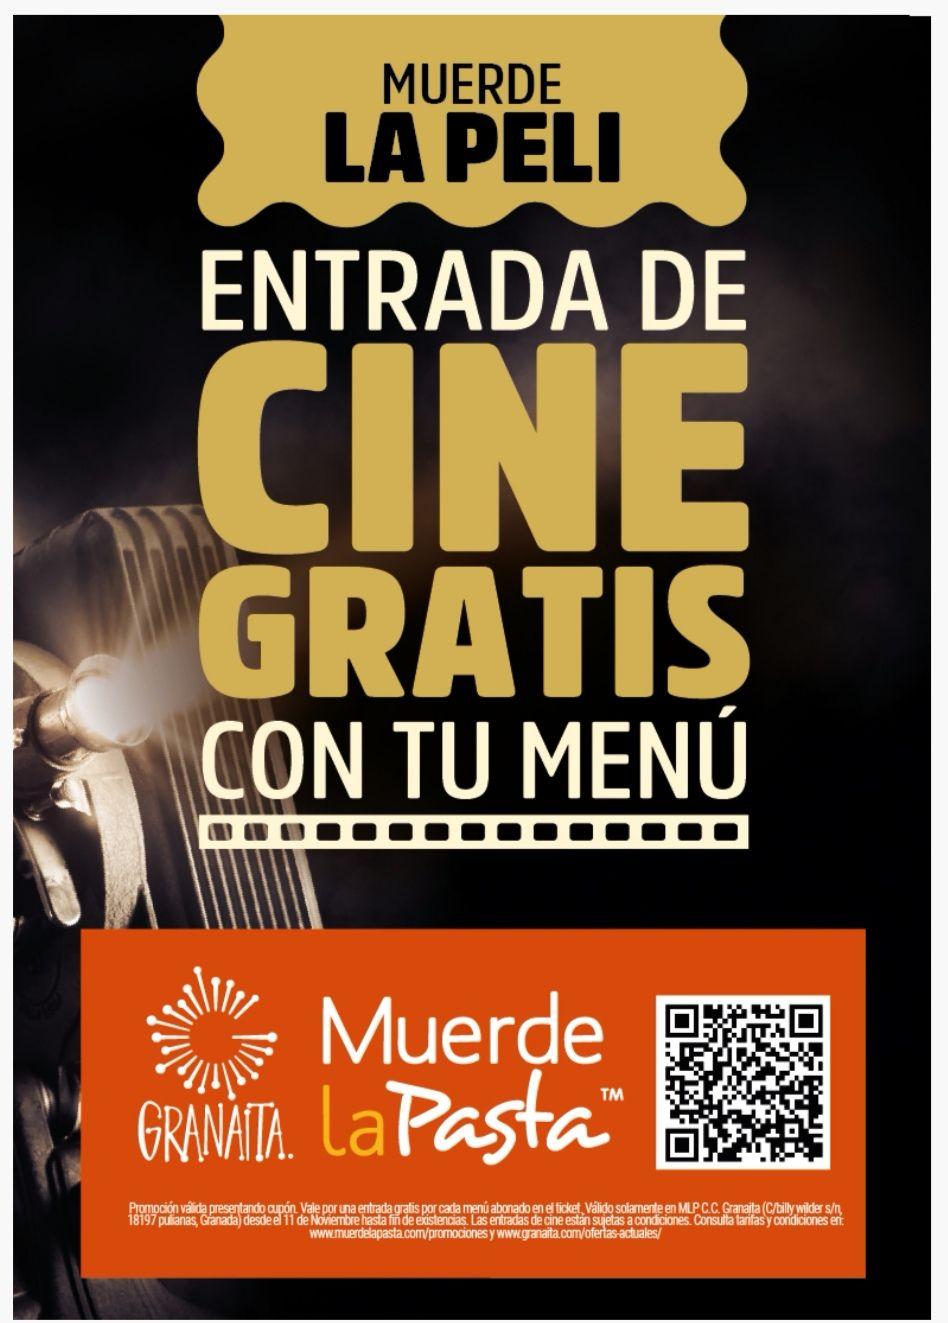 Cine gratis al cenar en Muerde la Pasta (Kinepolis Granada)